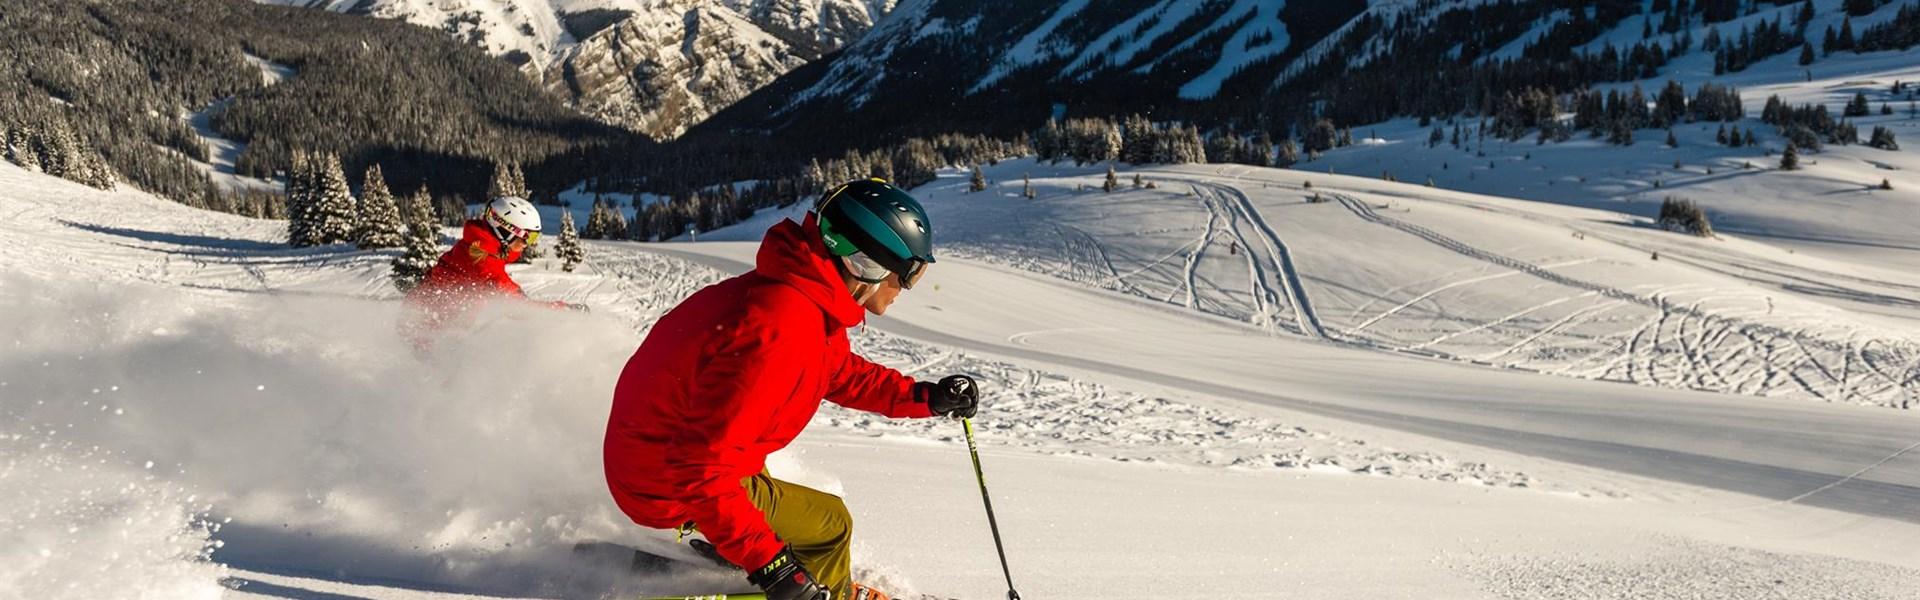 10 denní Ski Safari s průvodcem ve Skalnatých horách - Credit: Reuben Krabbe